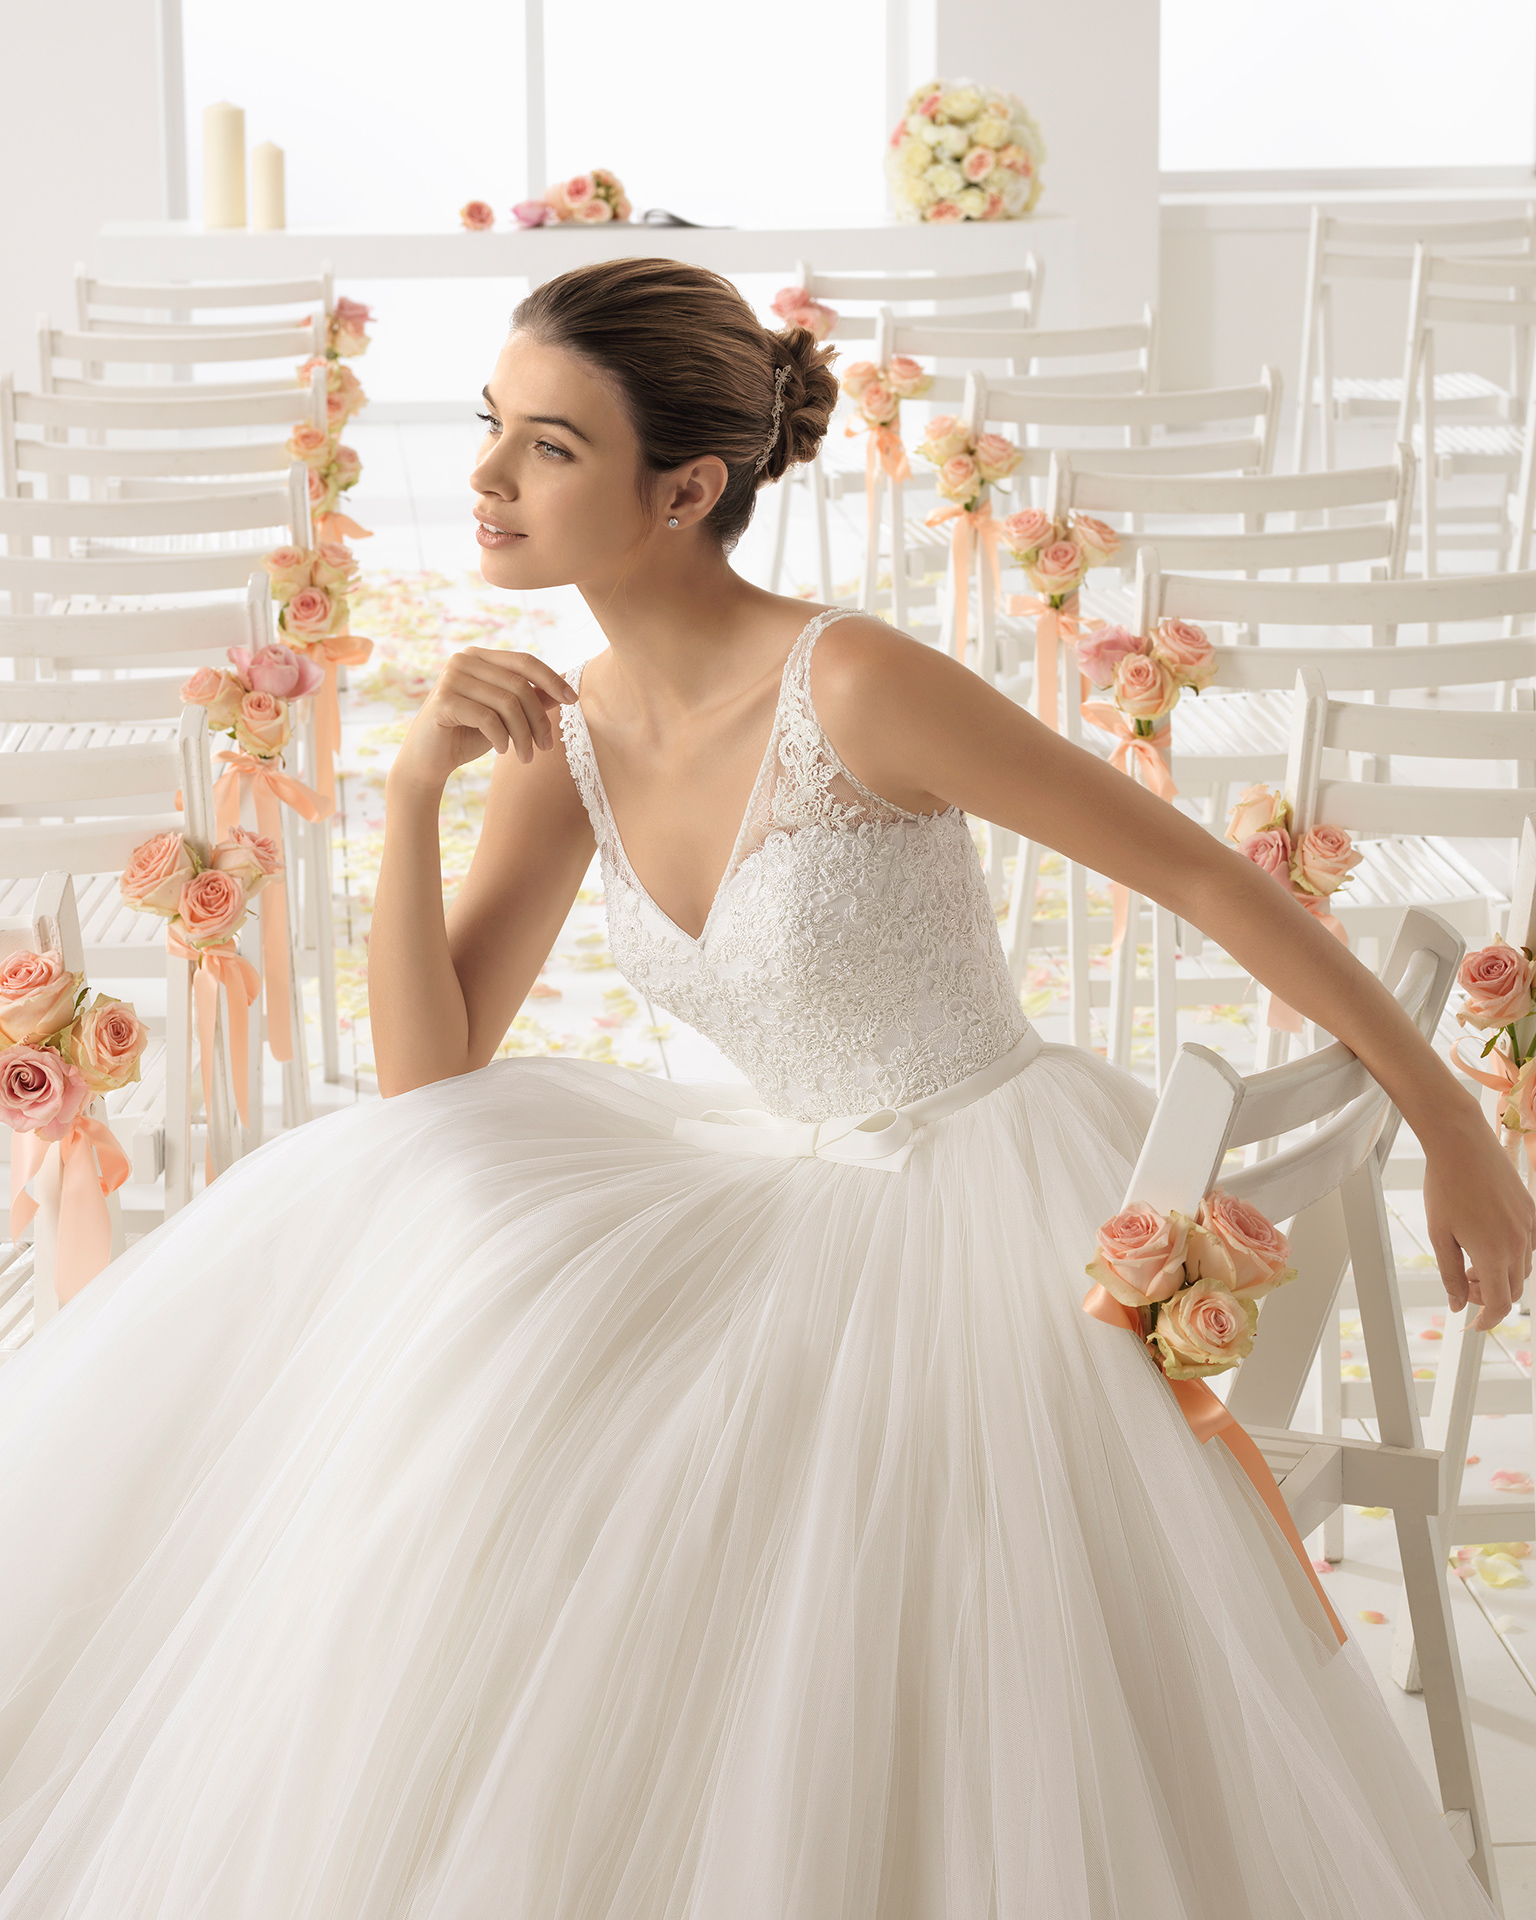 珠饰蕾丝薄纱V领低背A字裙新娘婚纱。